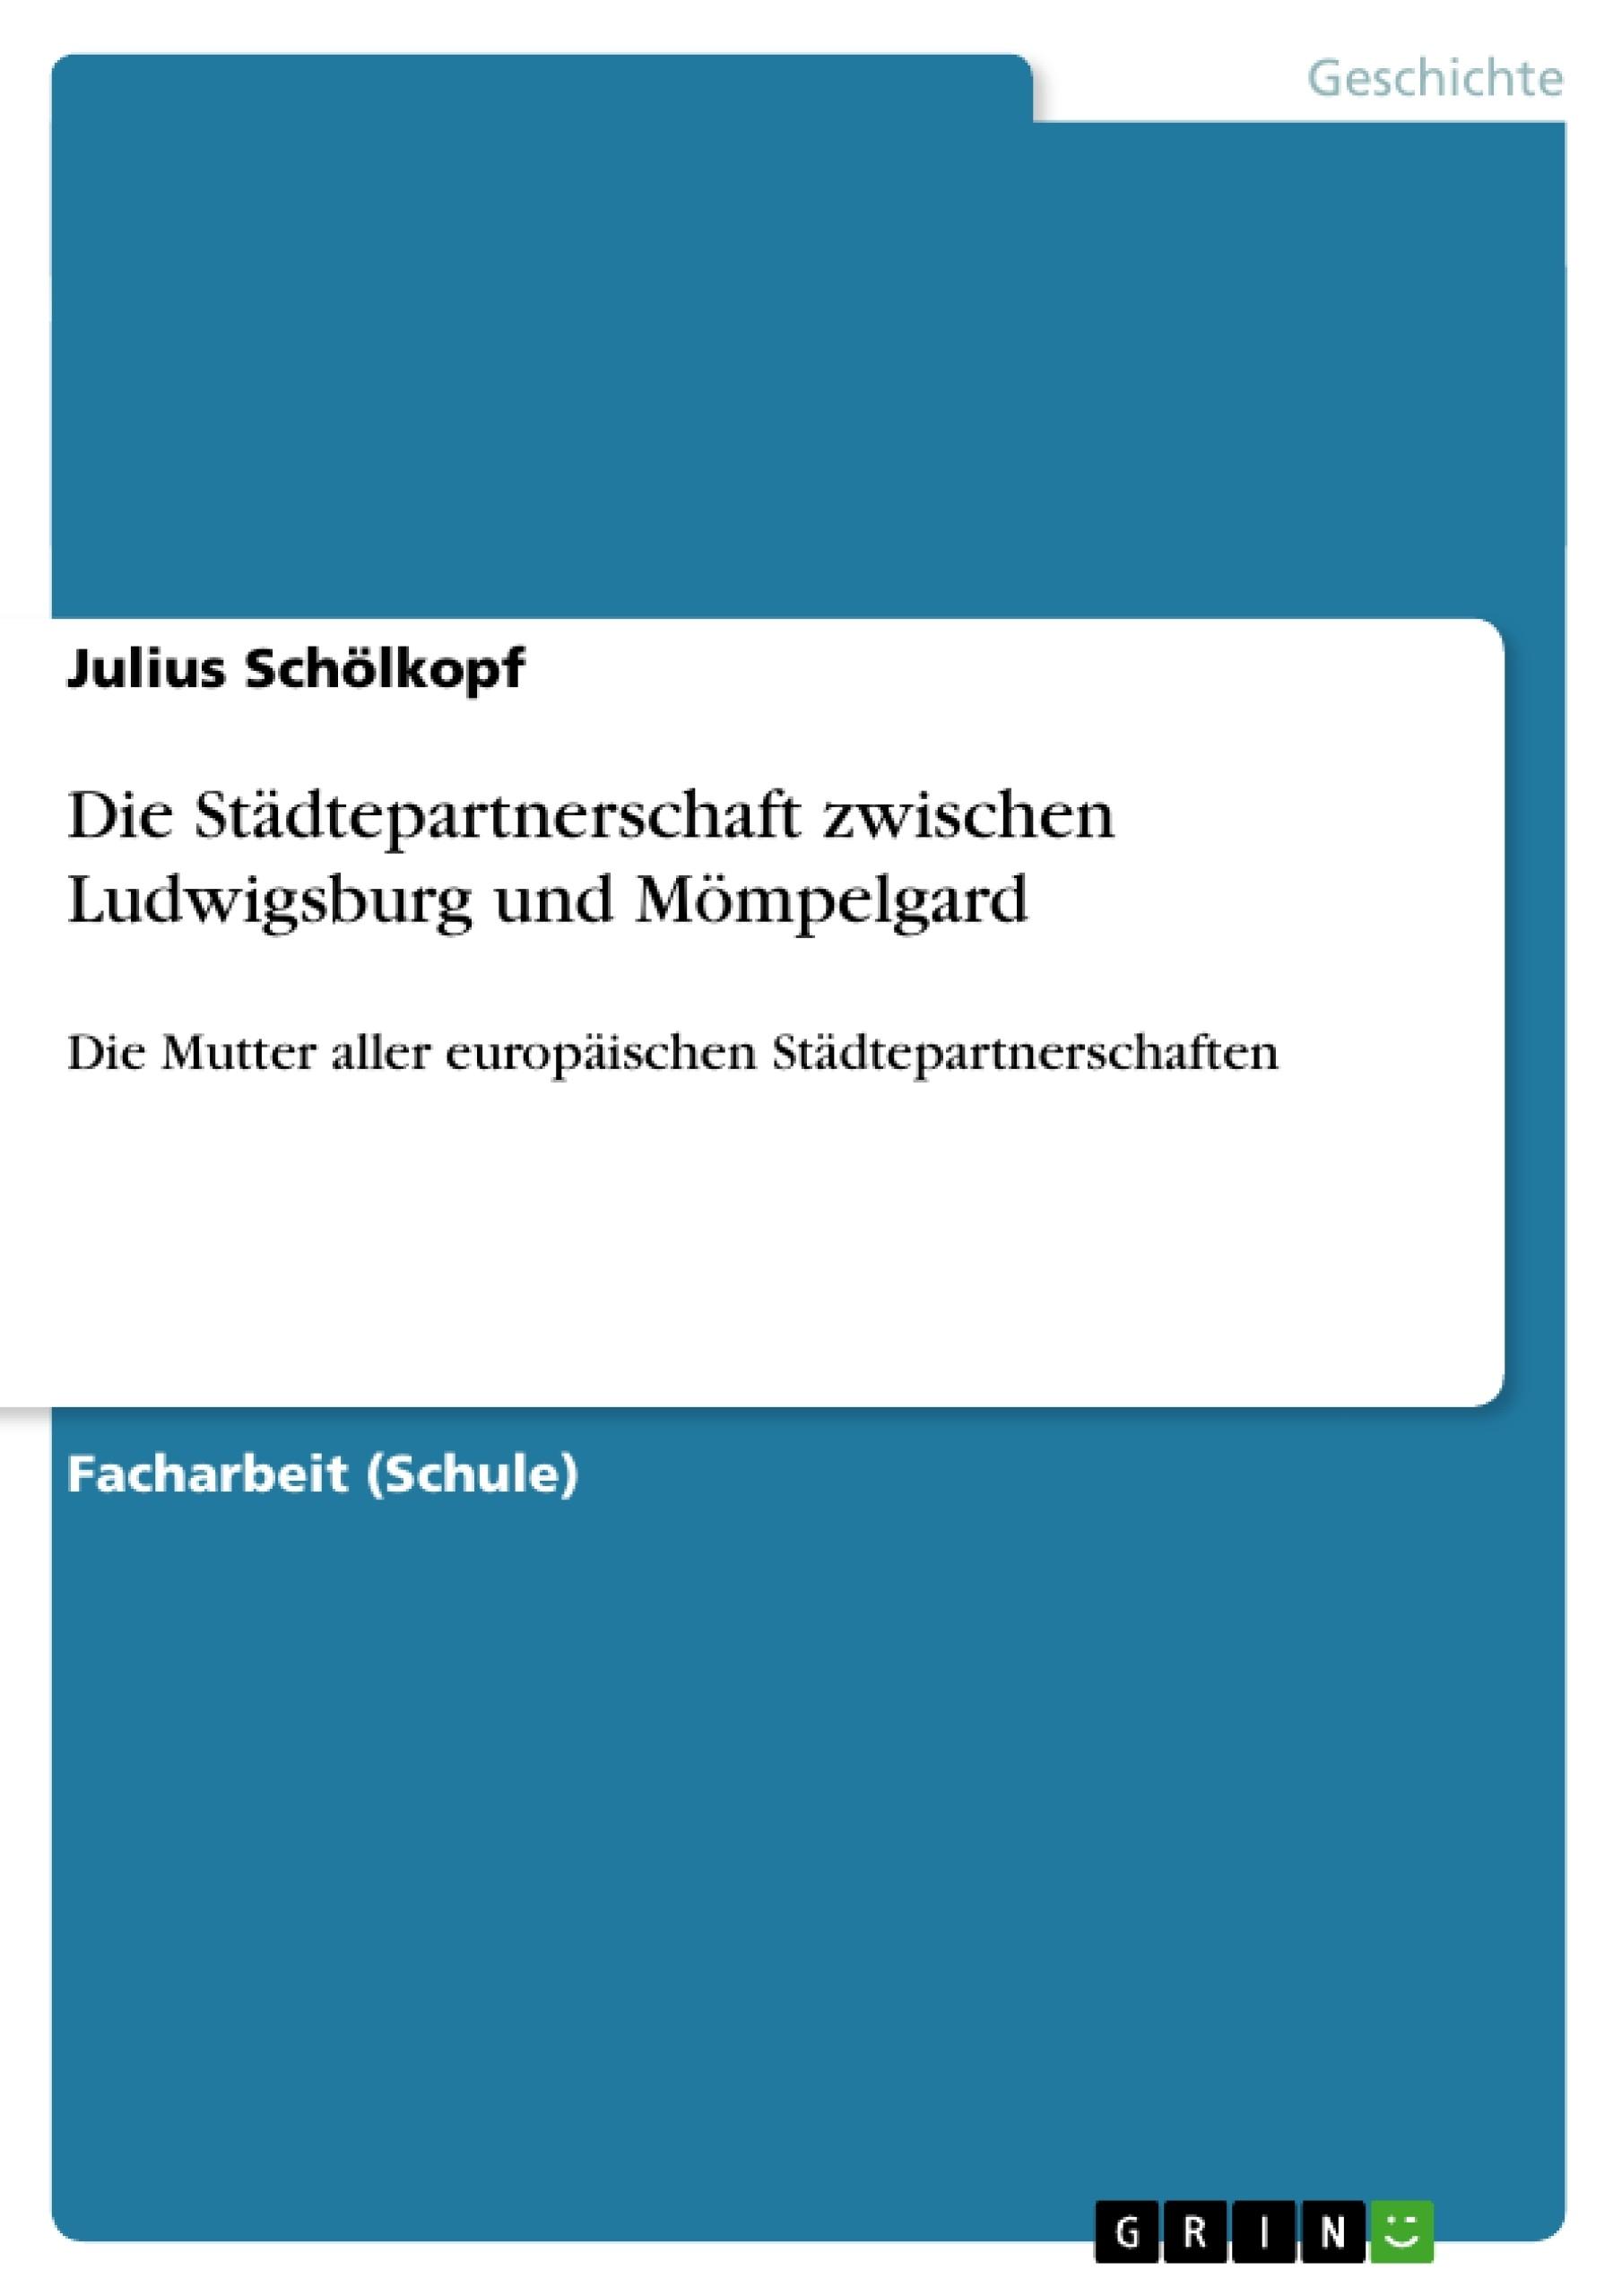 Titel: Die Städtepartnerschaft zwischen Ludwigsburg und Mömpelgard